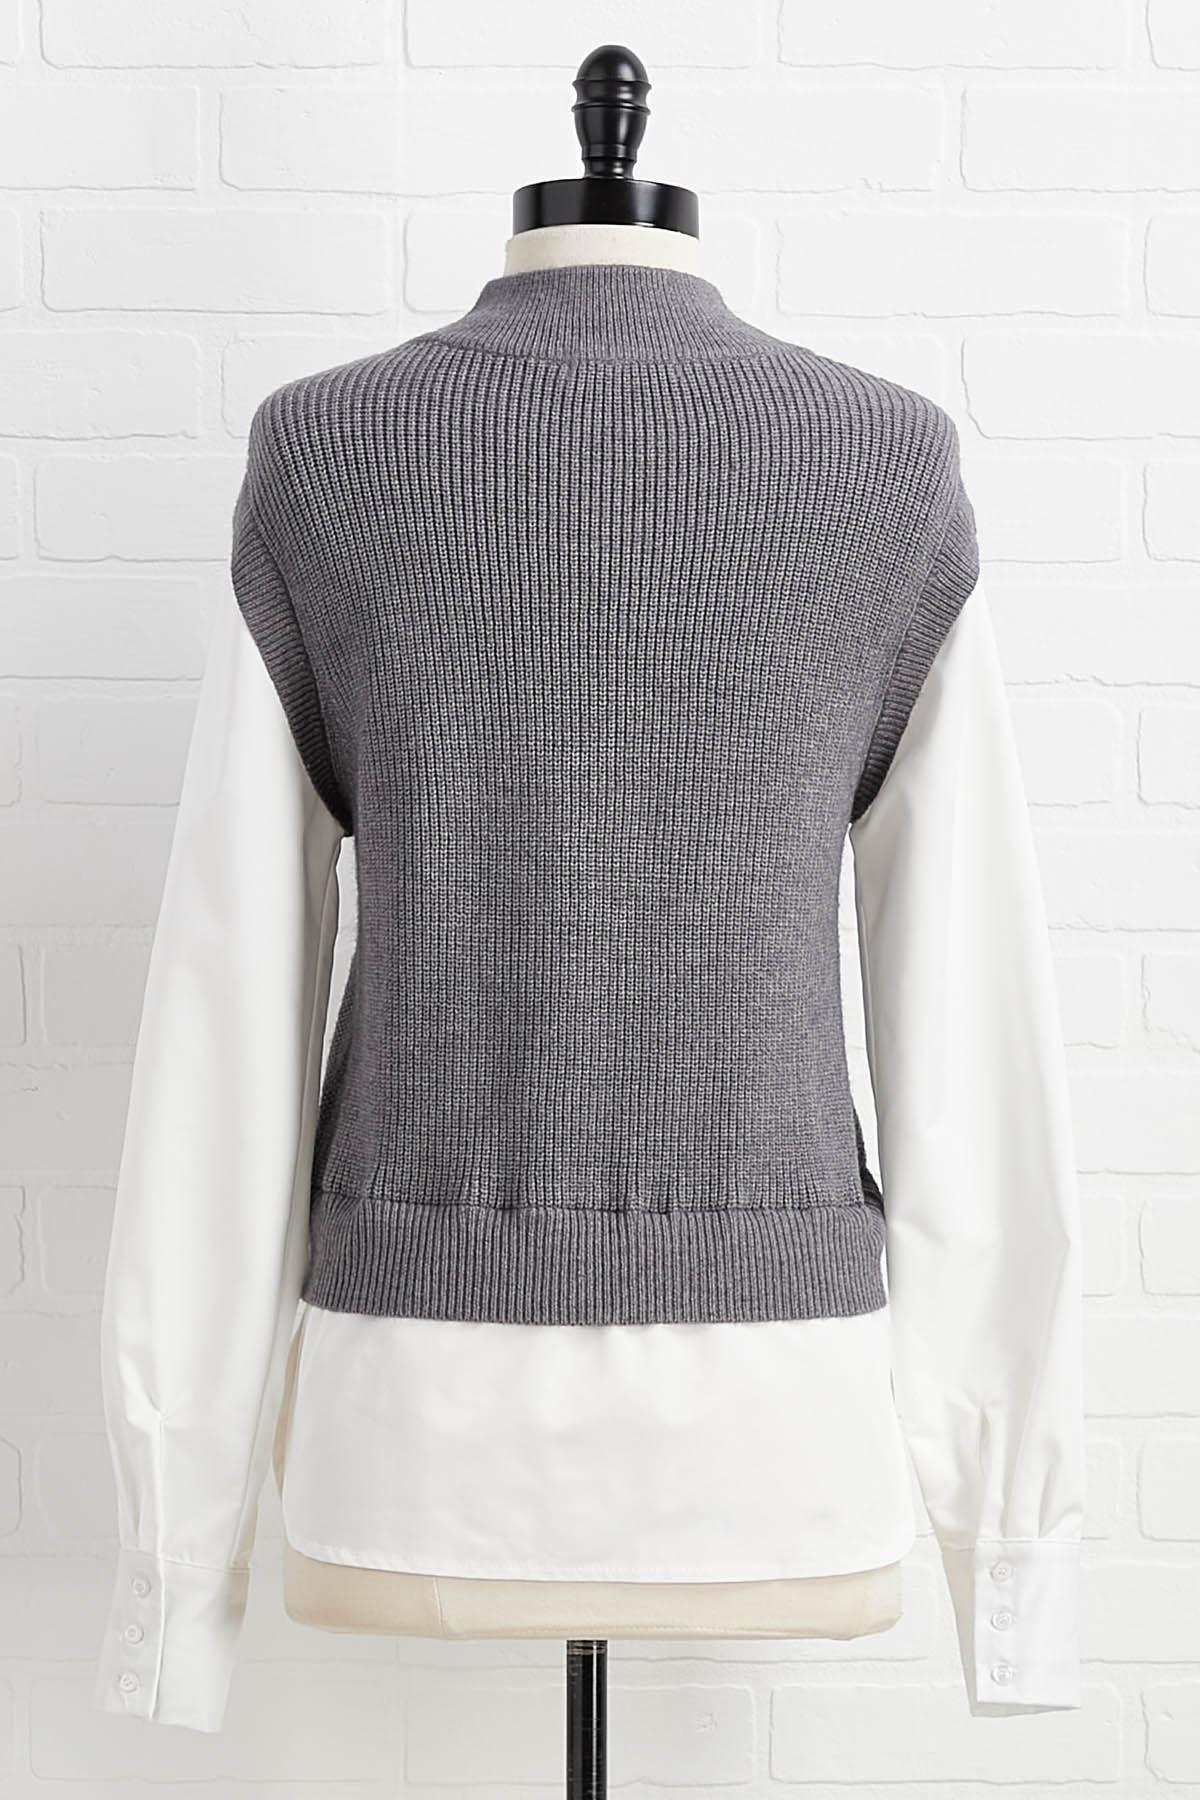 Two To Tango Sweater